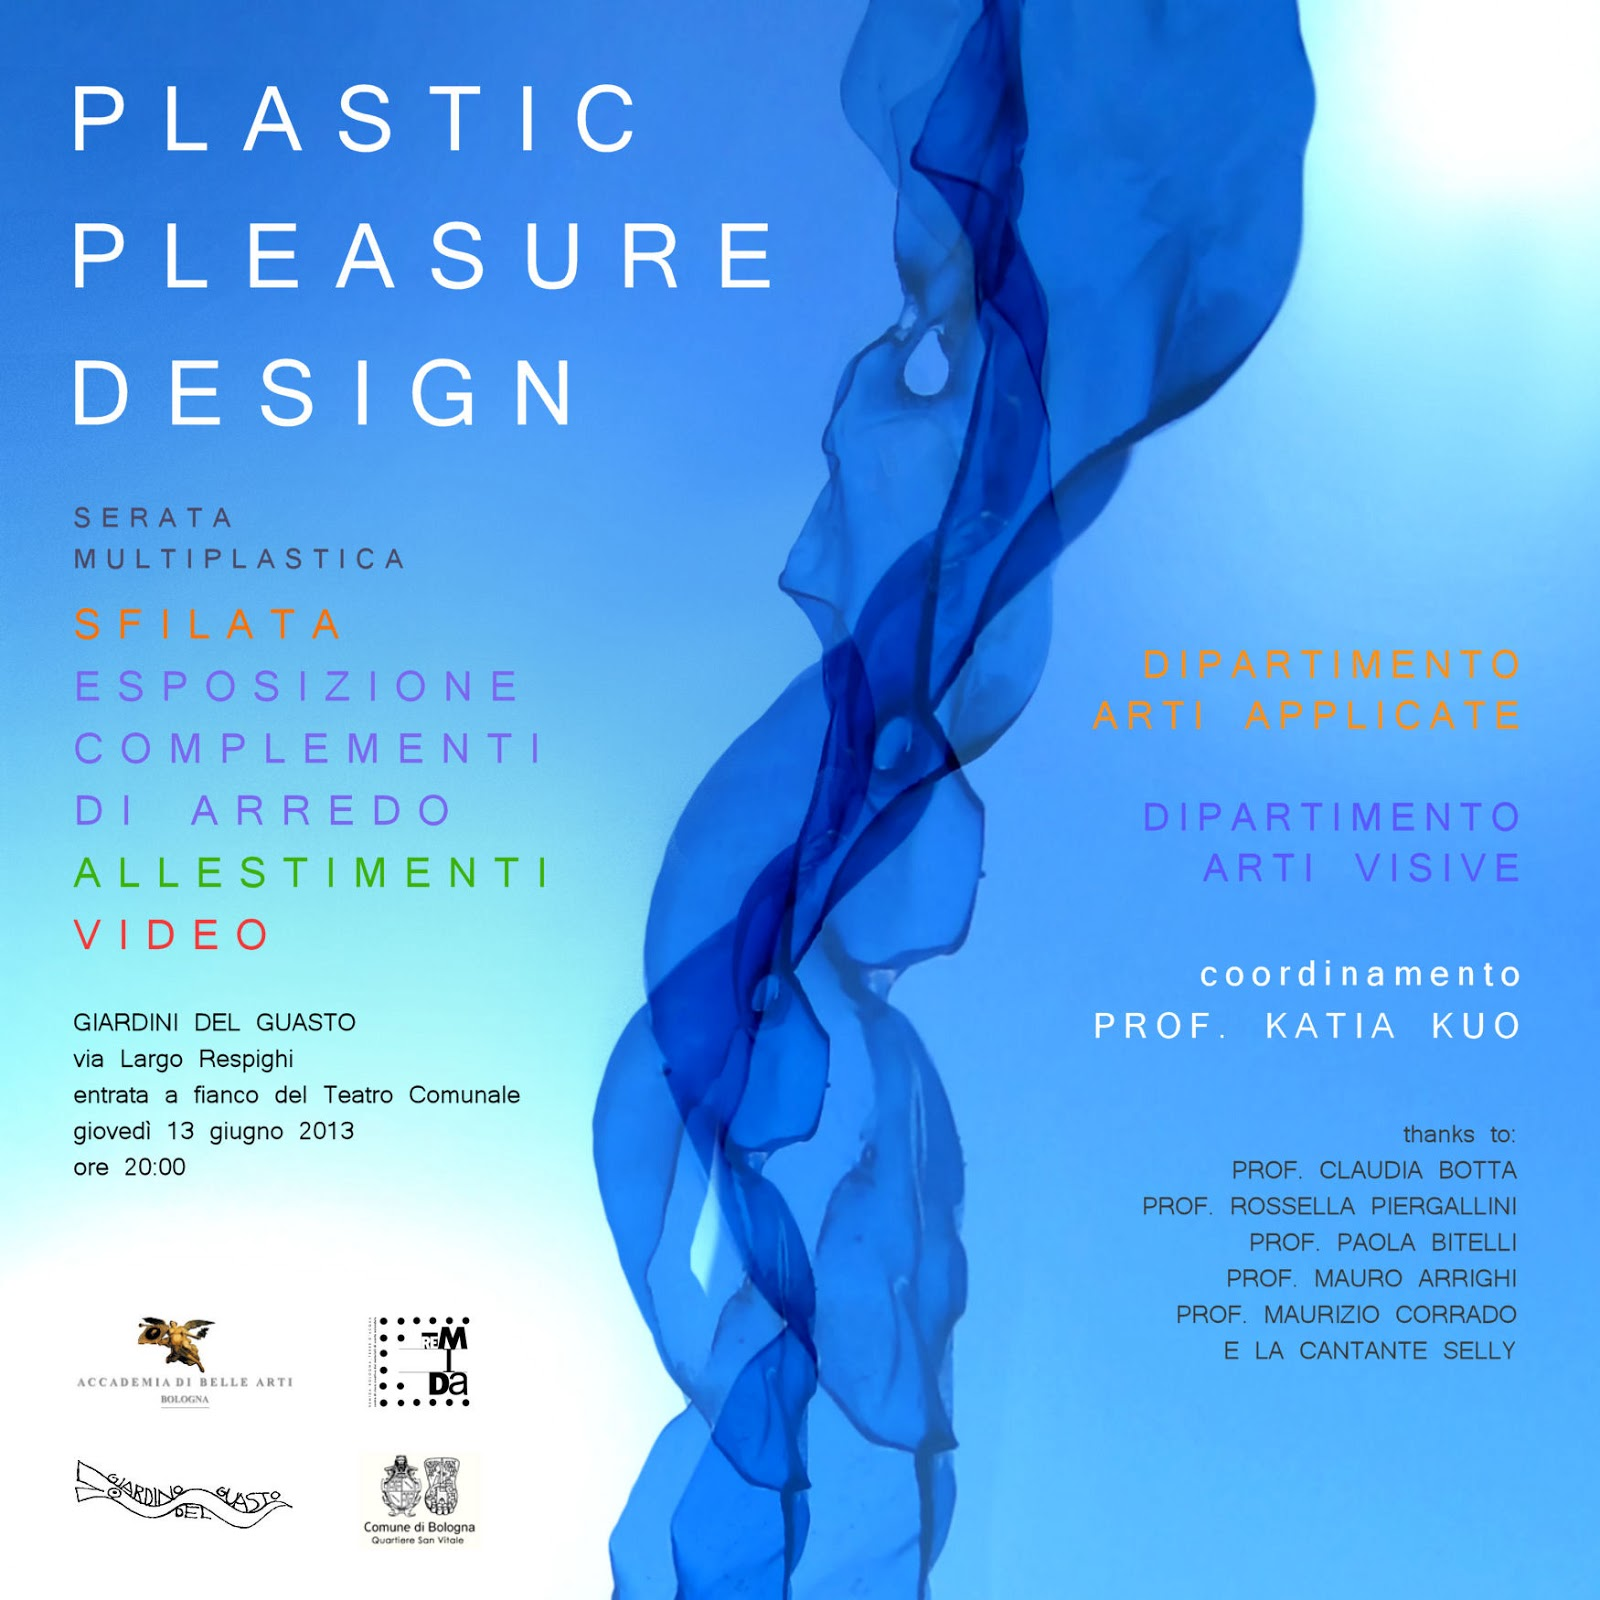 Plasti Pleasure